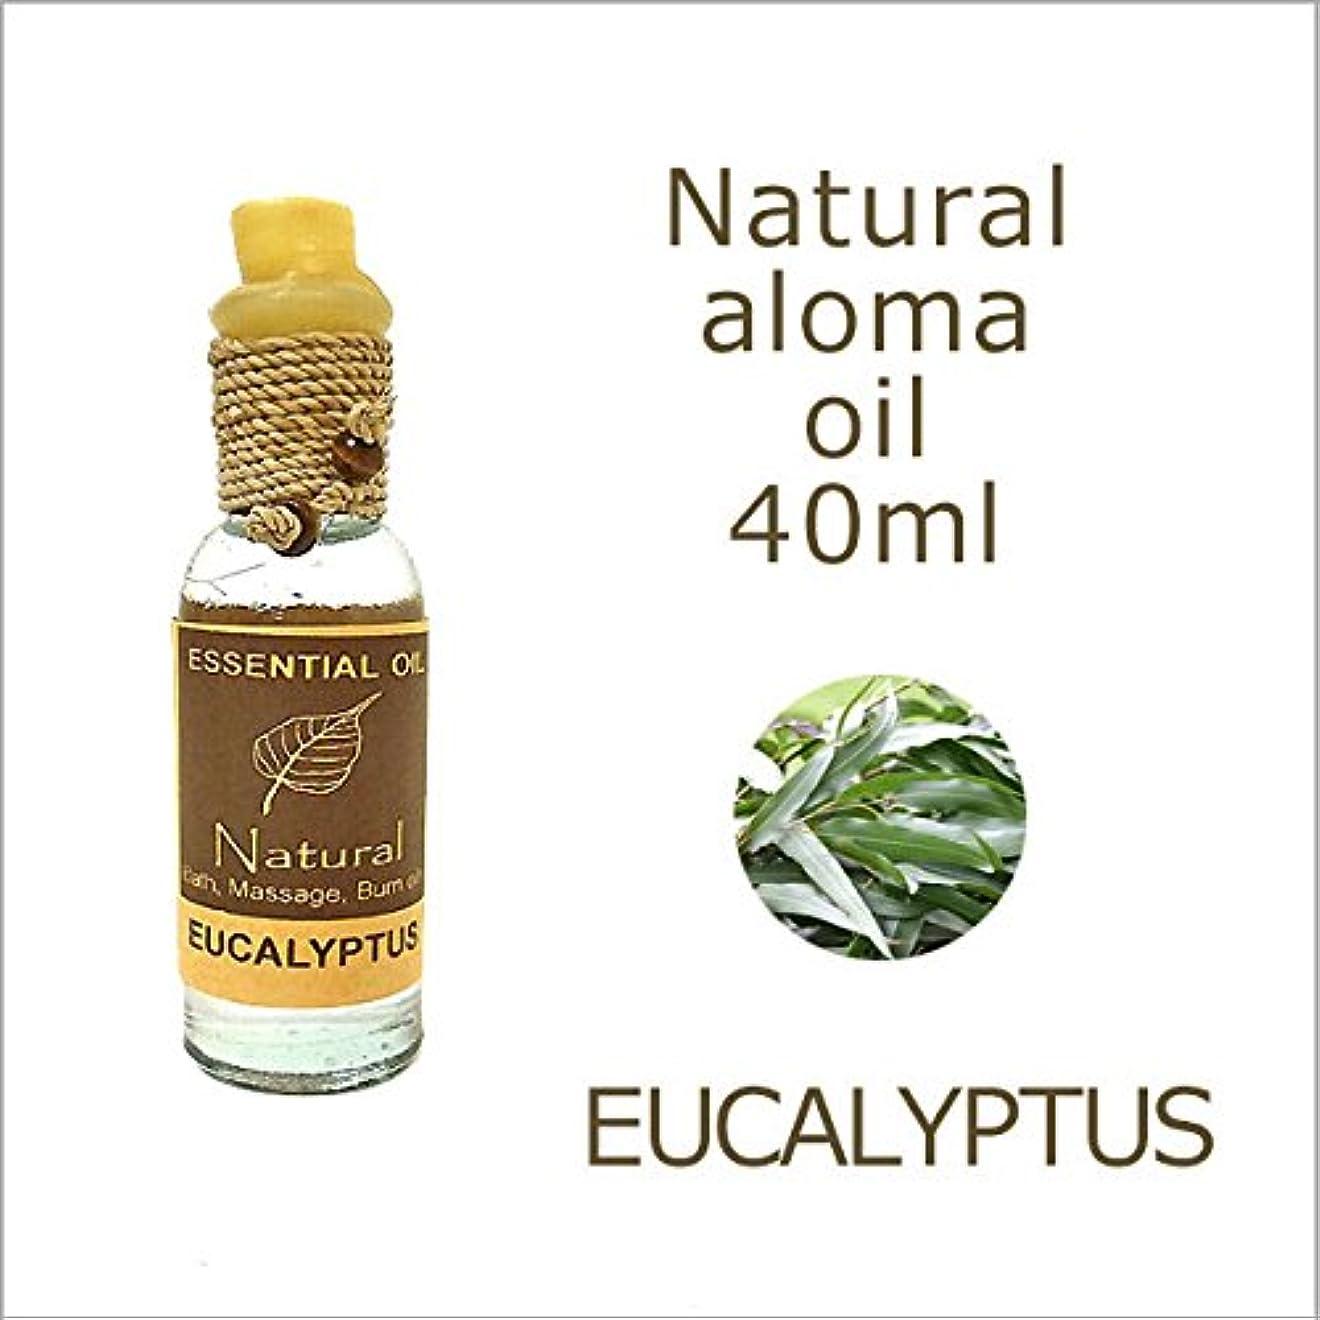 有名バナー通知ユーカリ Eucalyptusアロマオイル40ml マッサージオイル アジアン 雑貨 バリ 雑貨 タイ 雑貨 アジアン インテリア 花粉 対策 並行輸入品